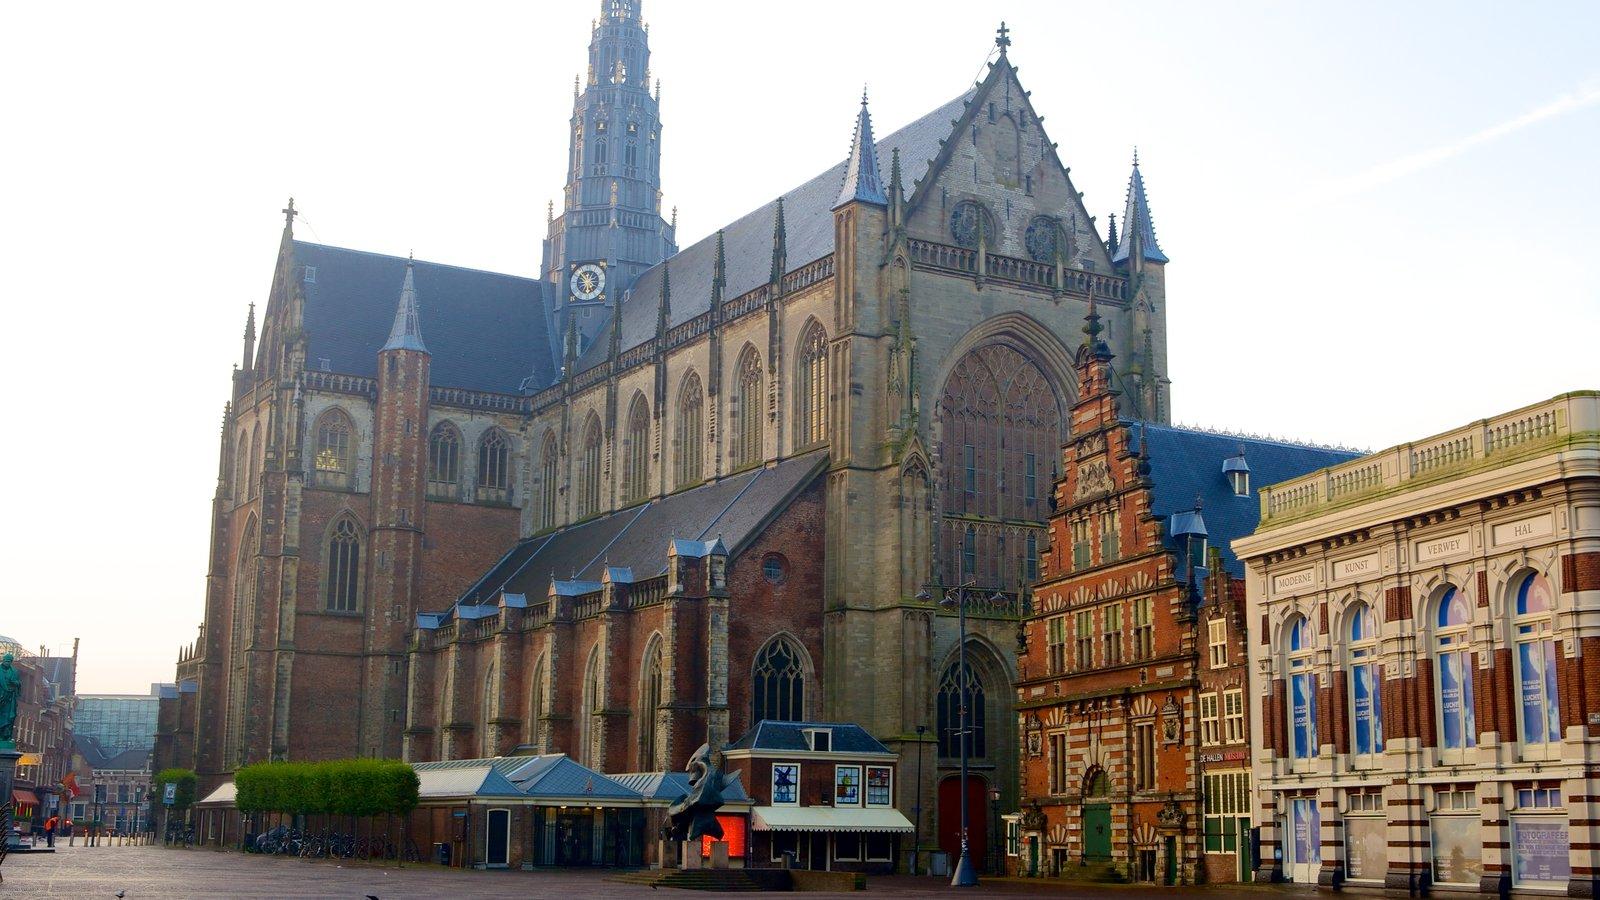 Fotos De Grote Kerk Ver Fotos E Imágenes De Grote Kerk